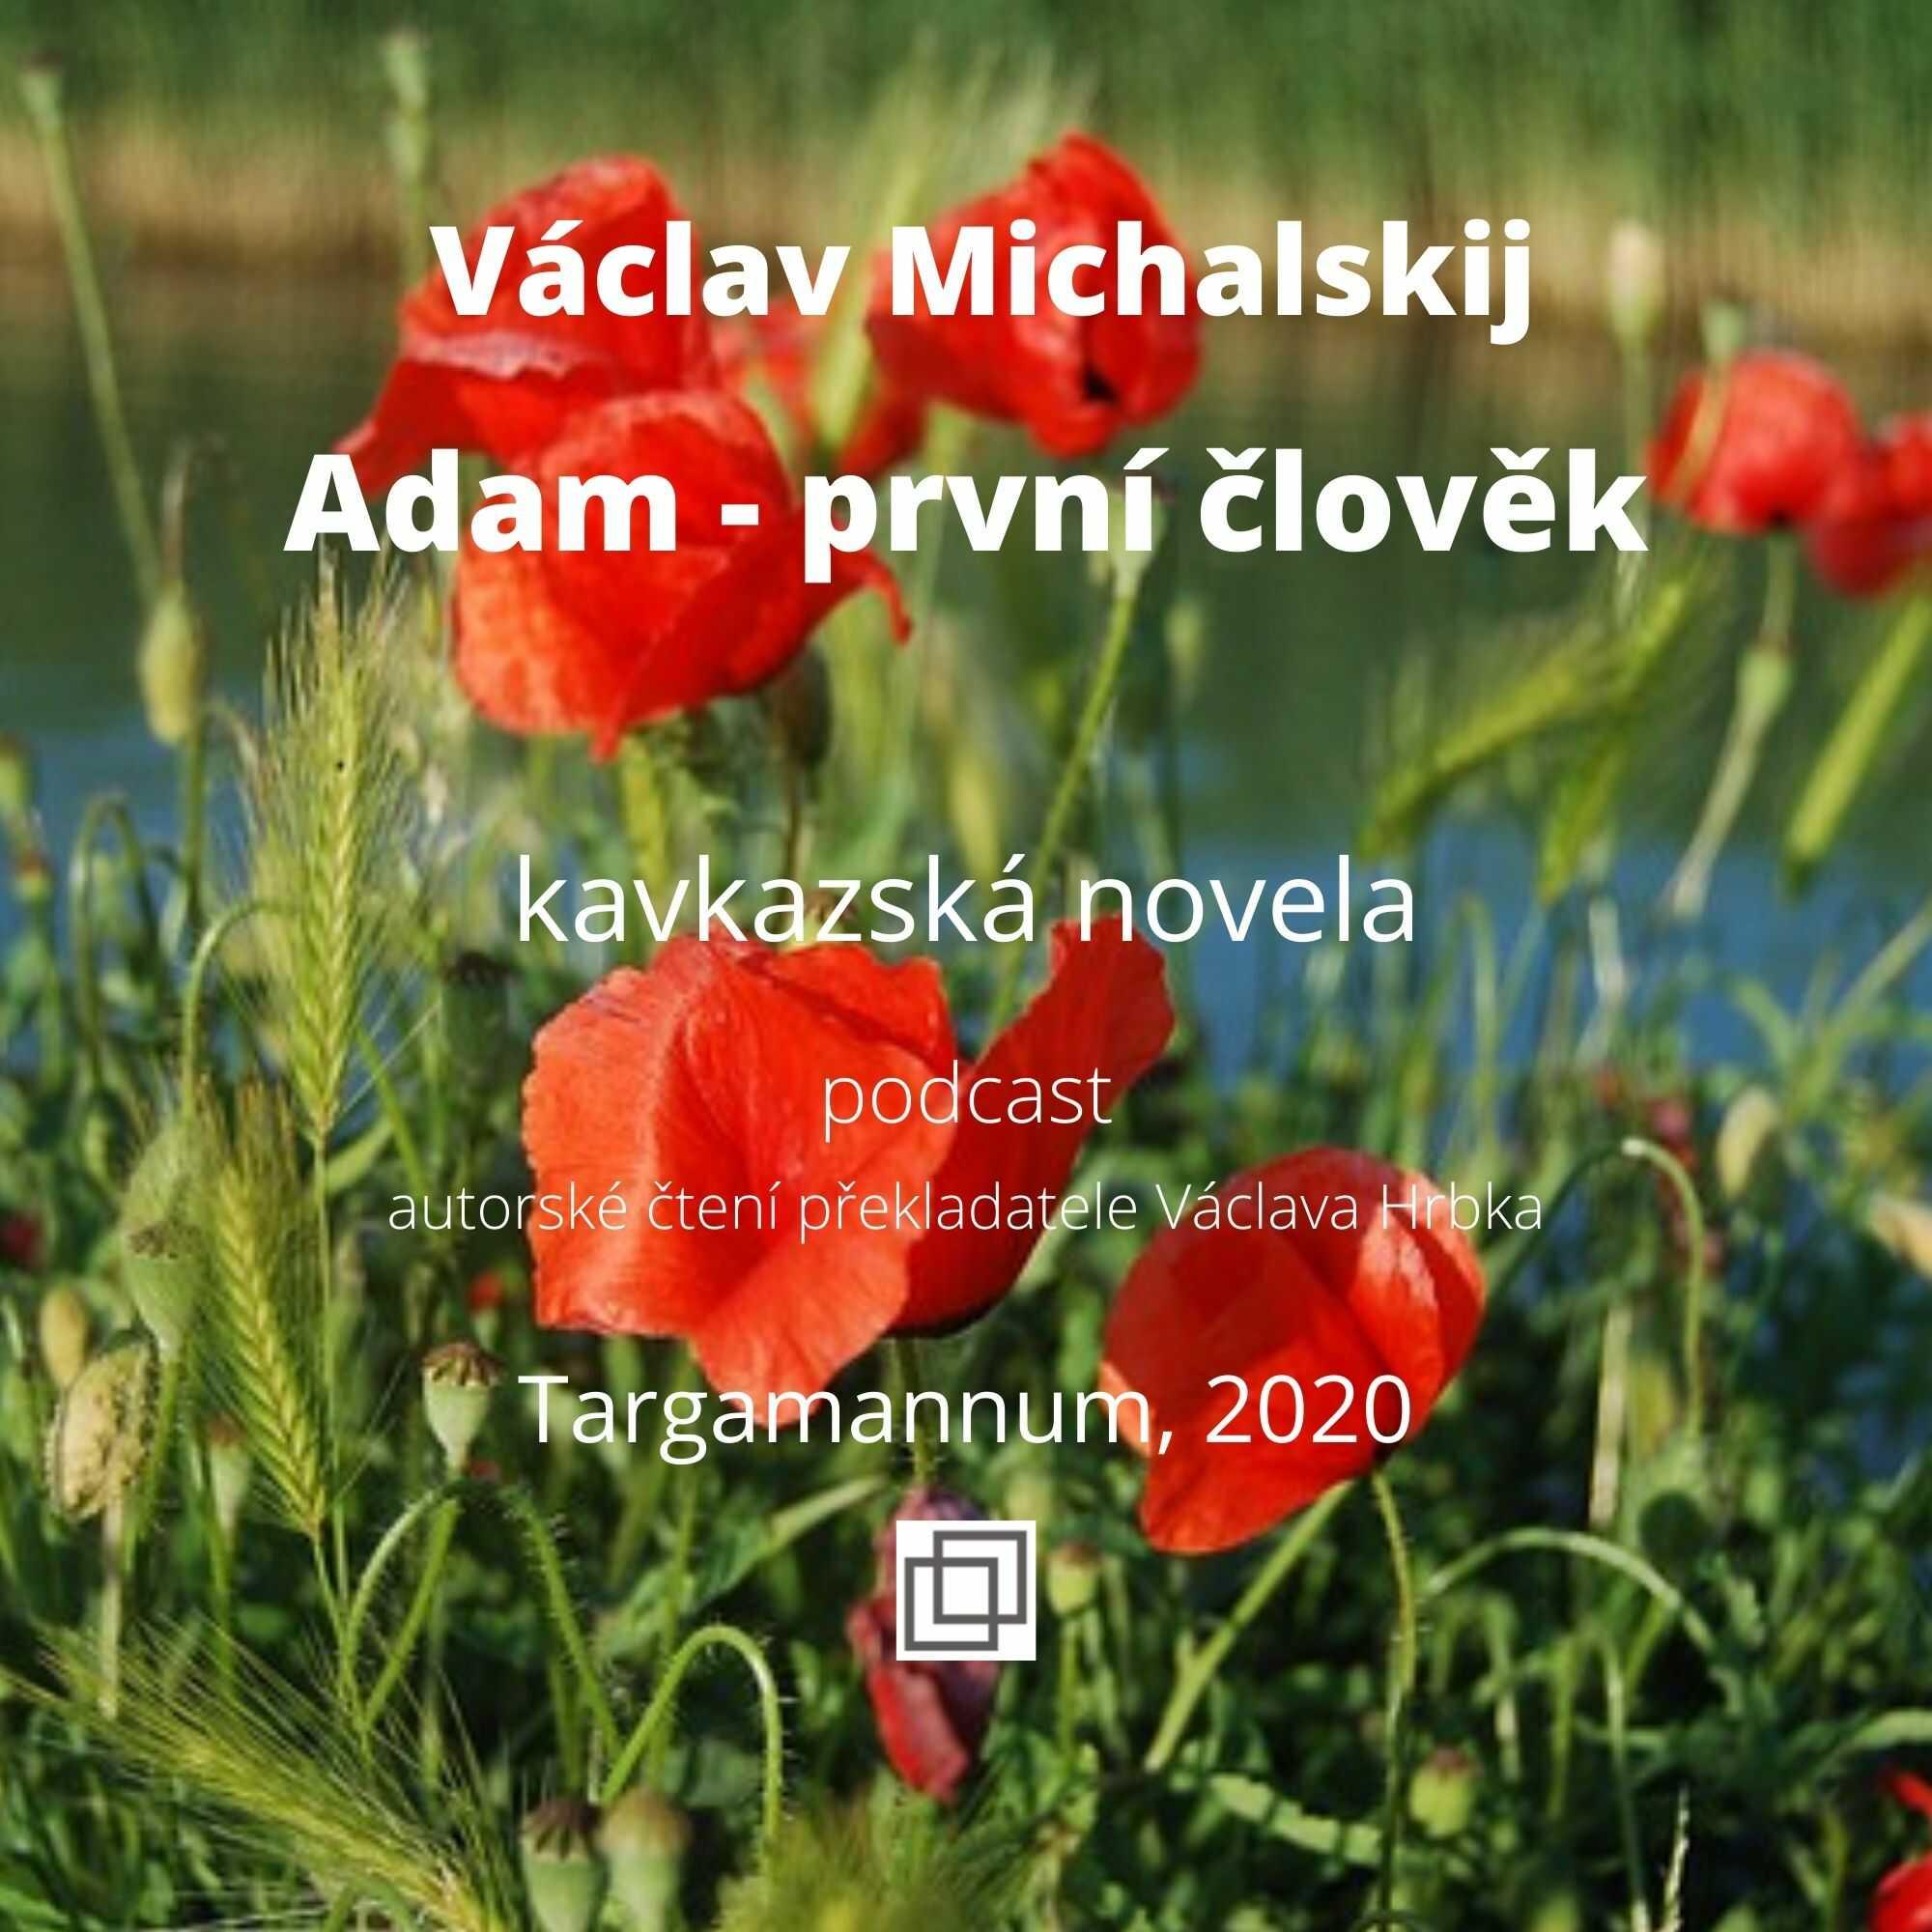 Adam - první člověk, kavkazská novela - kniha a podcast